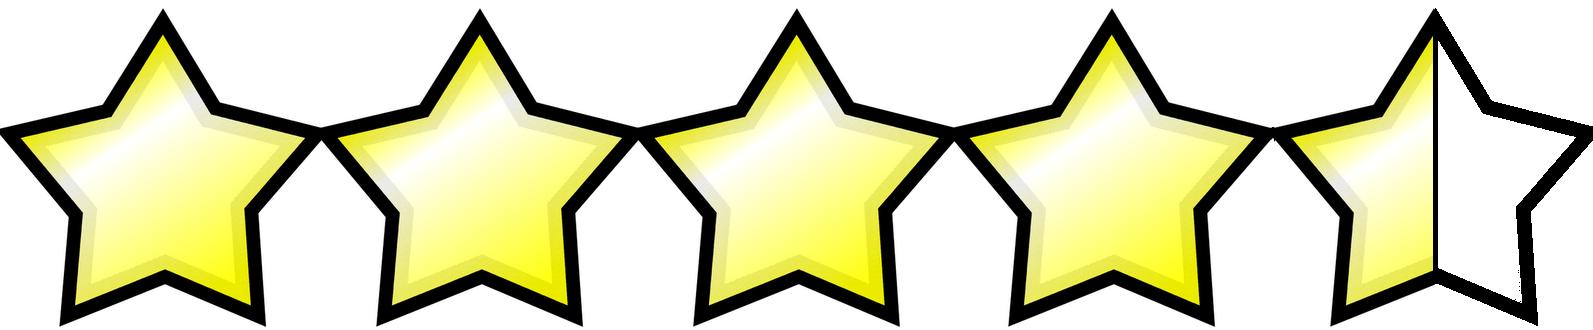 Resultado de imagem para 4,5 estrela